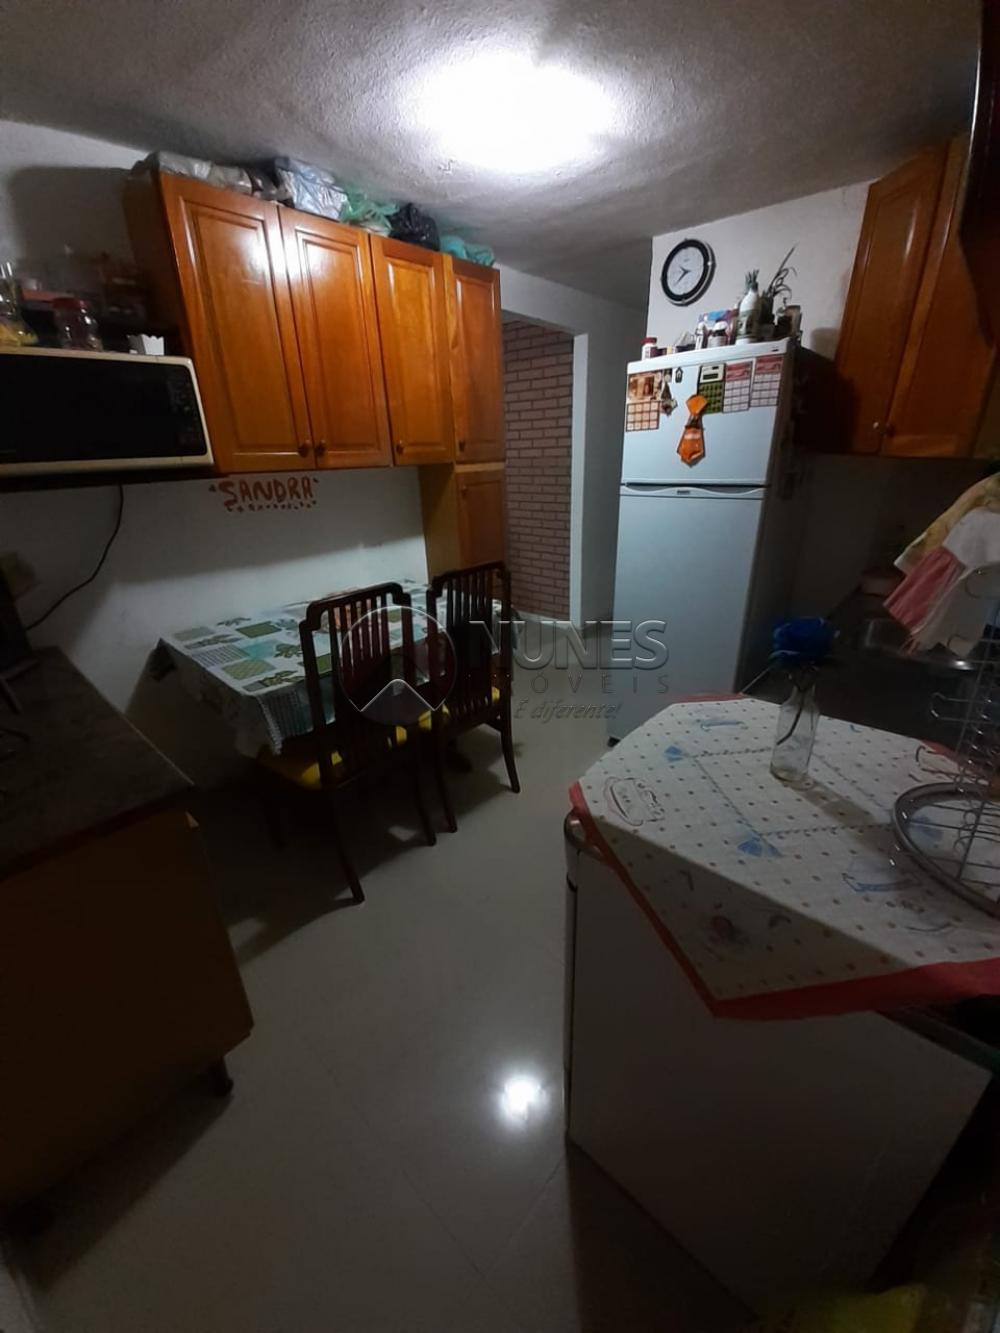 Comprar Apartamento / Padrão em Carapicuíba R$ 140.000,00 - Foto 4